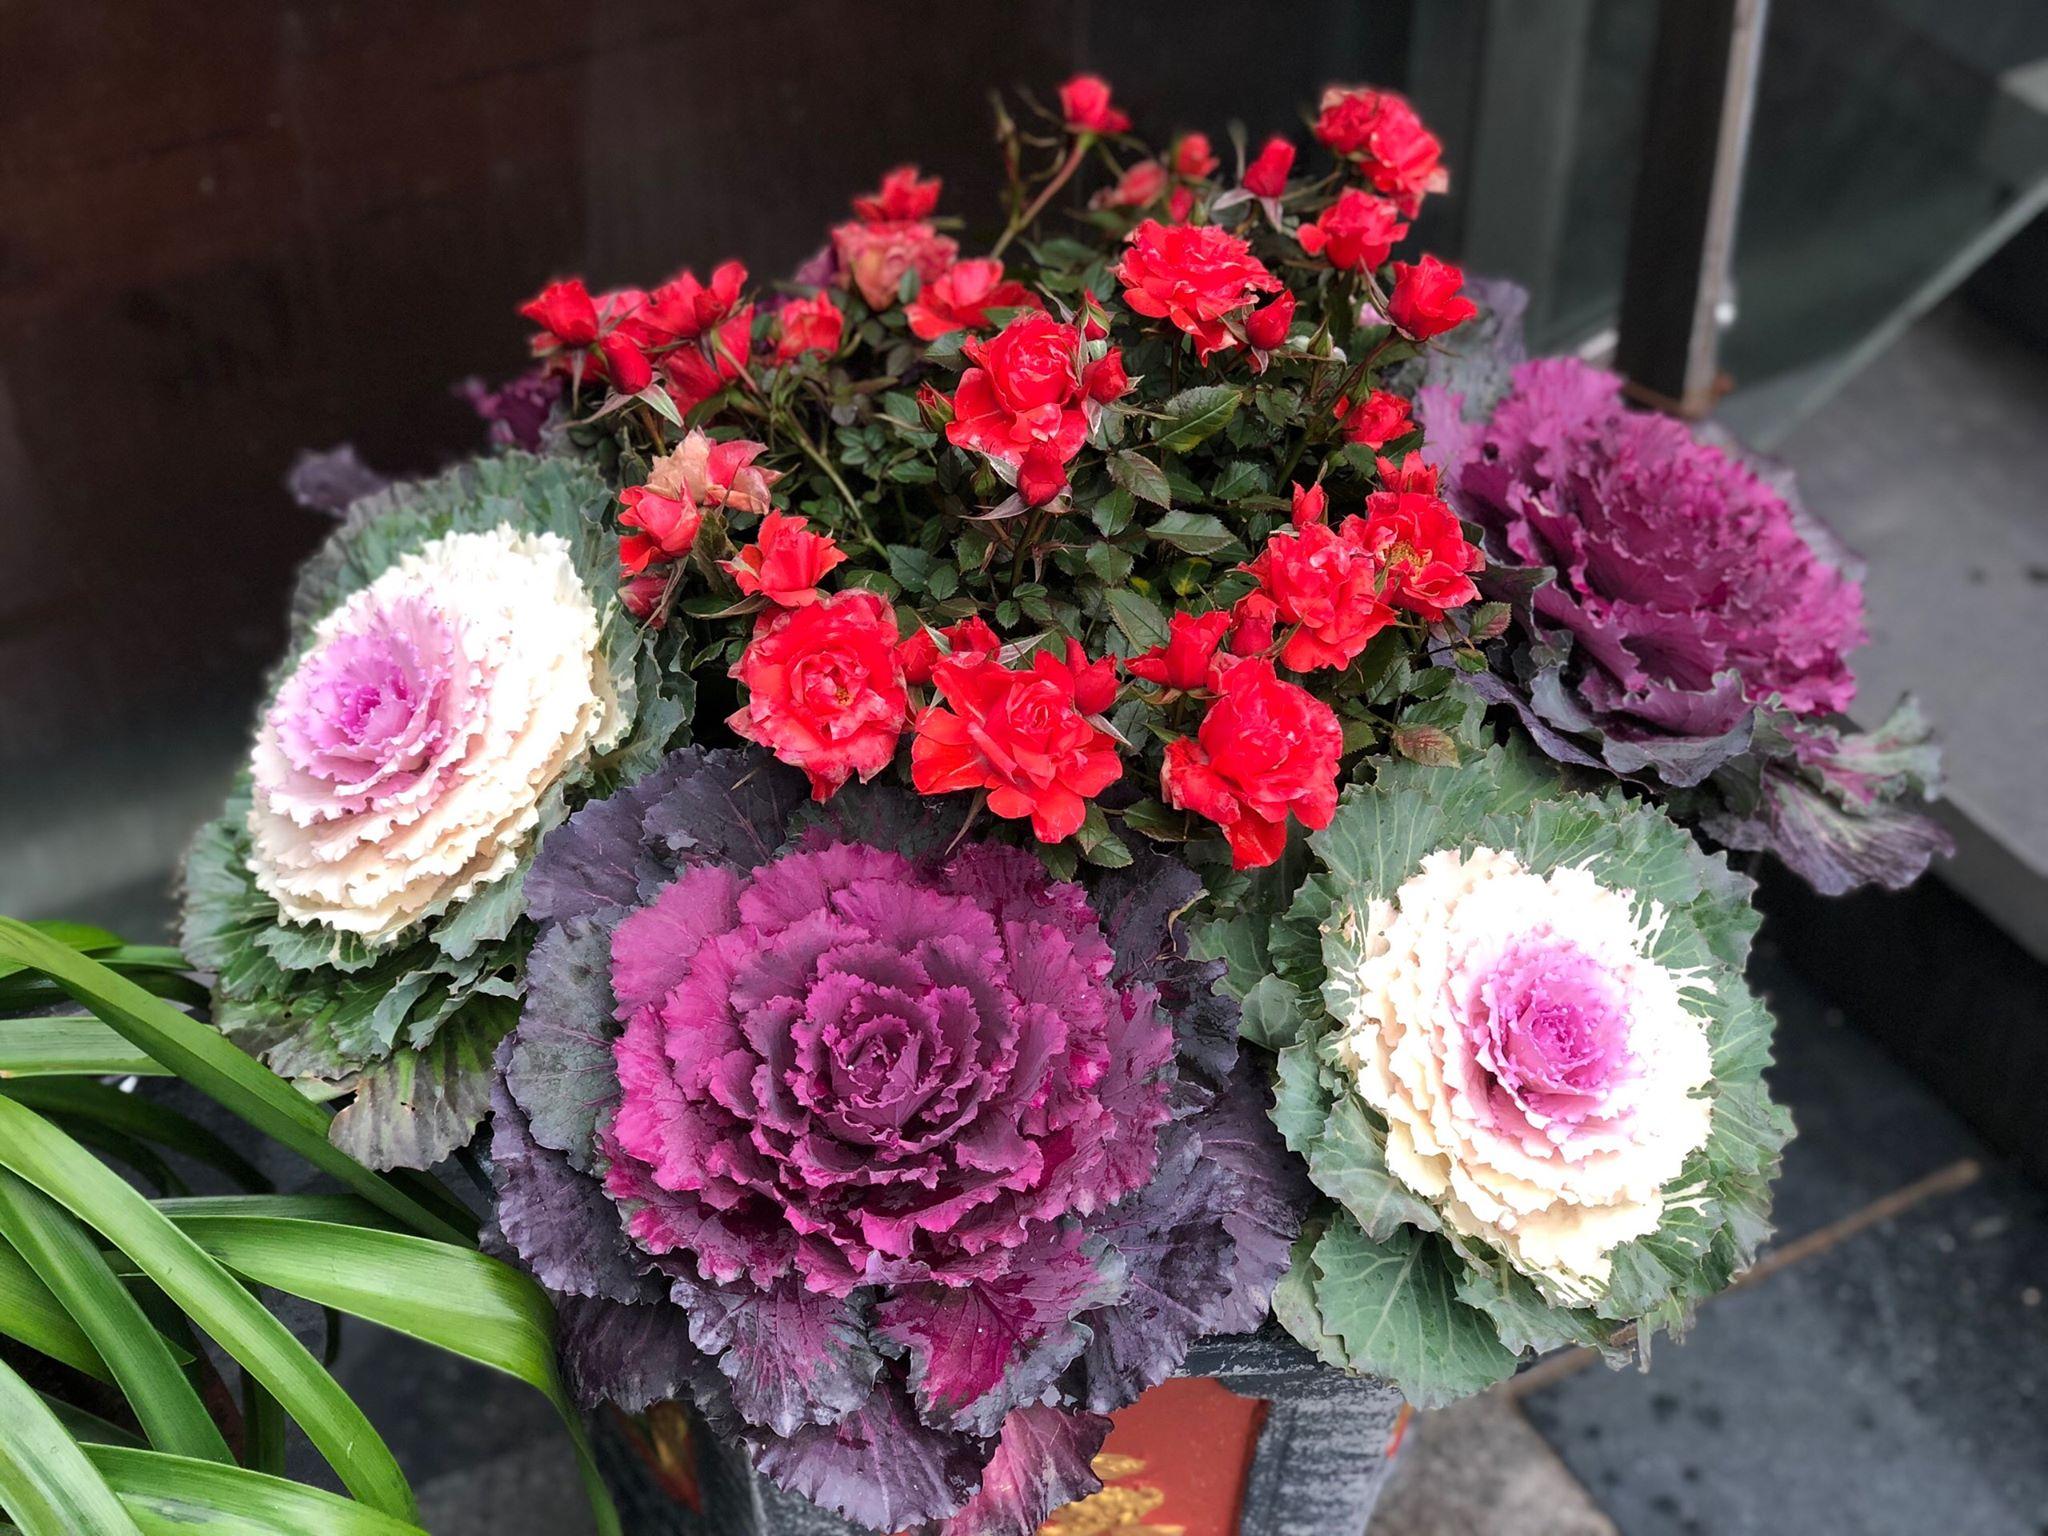 Tháng 12 Sapa Có Hoa Gì đẹp (1)